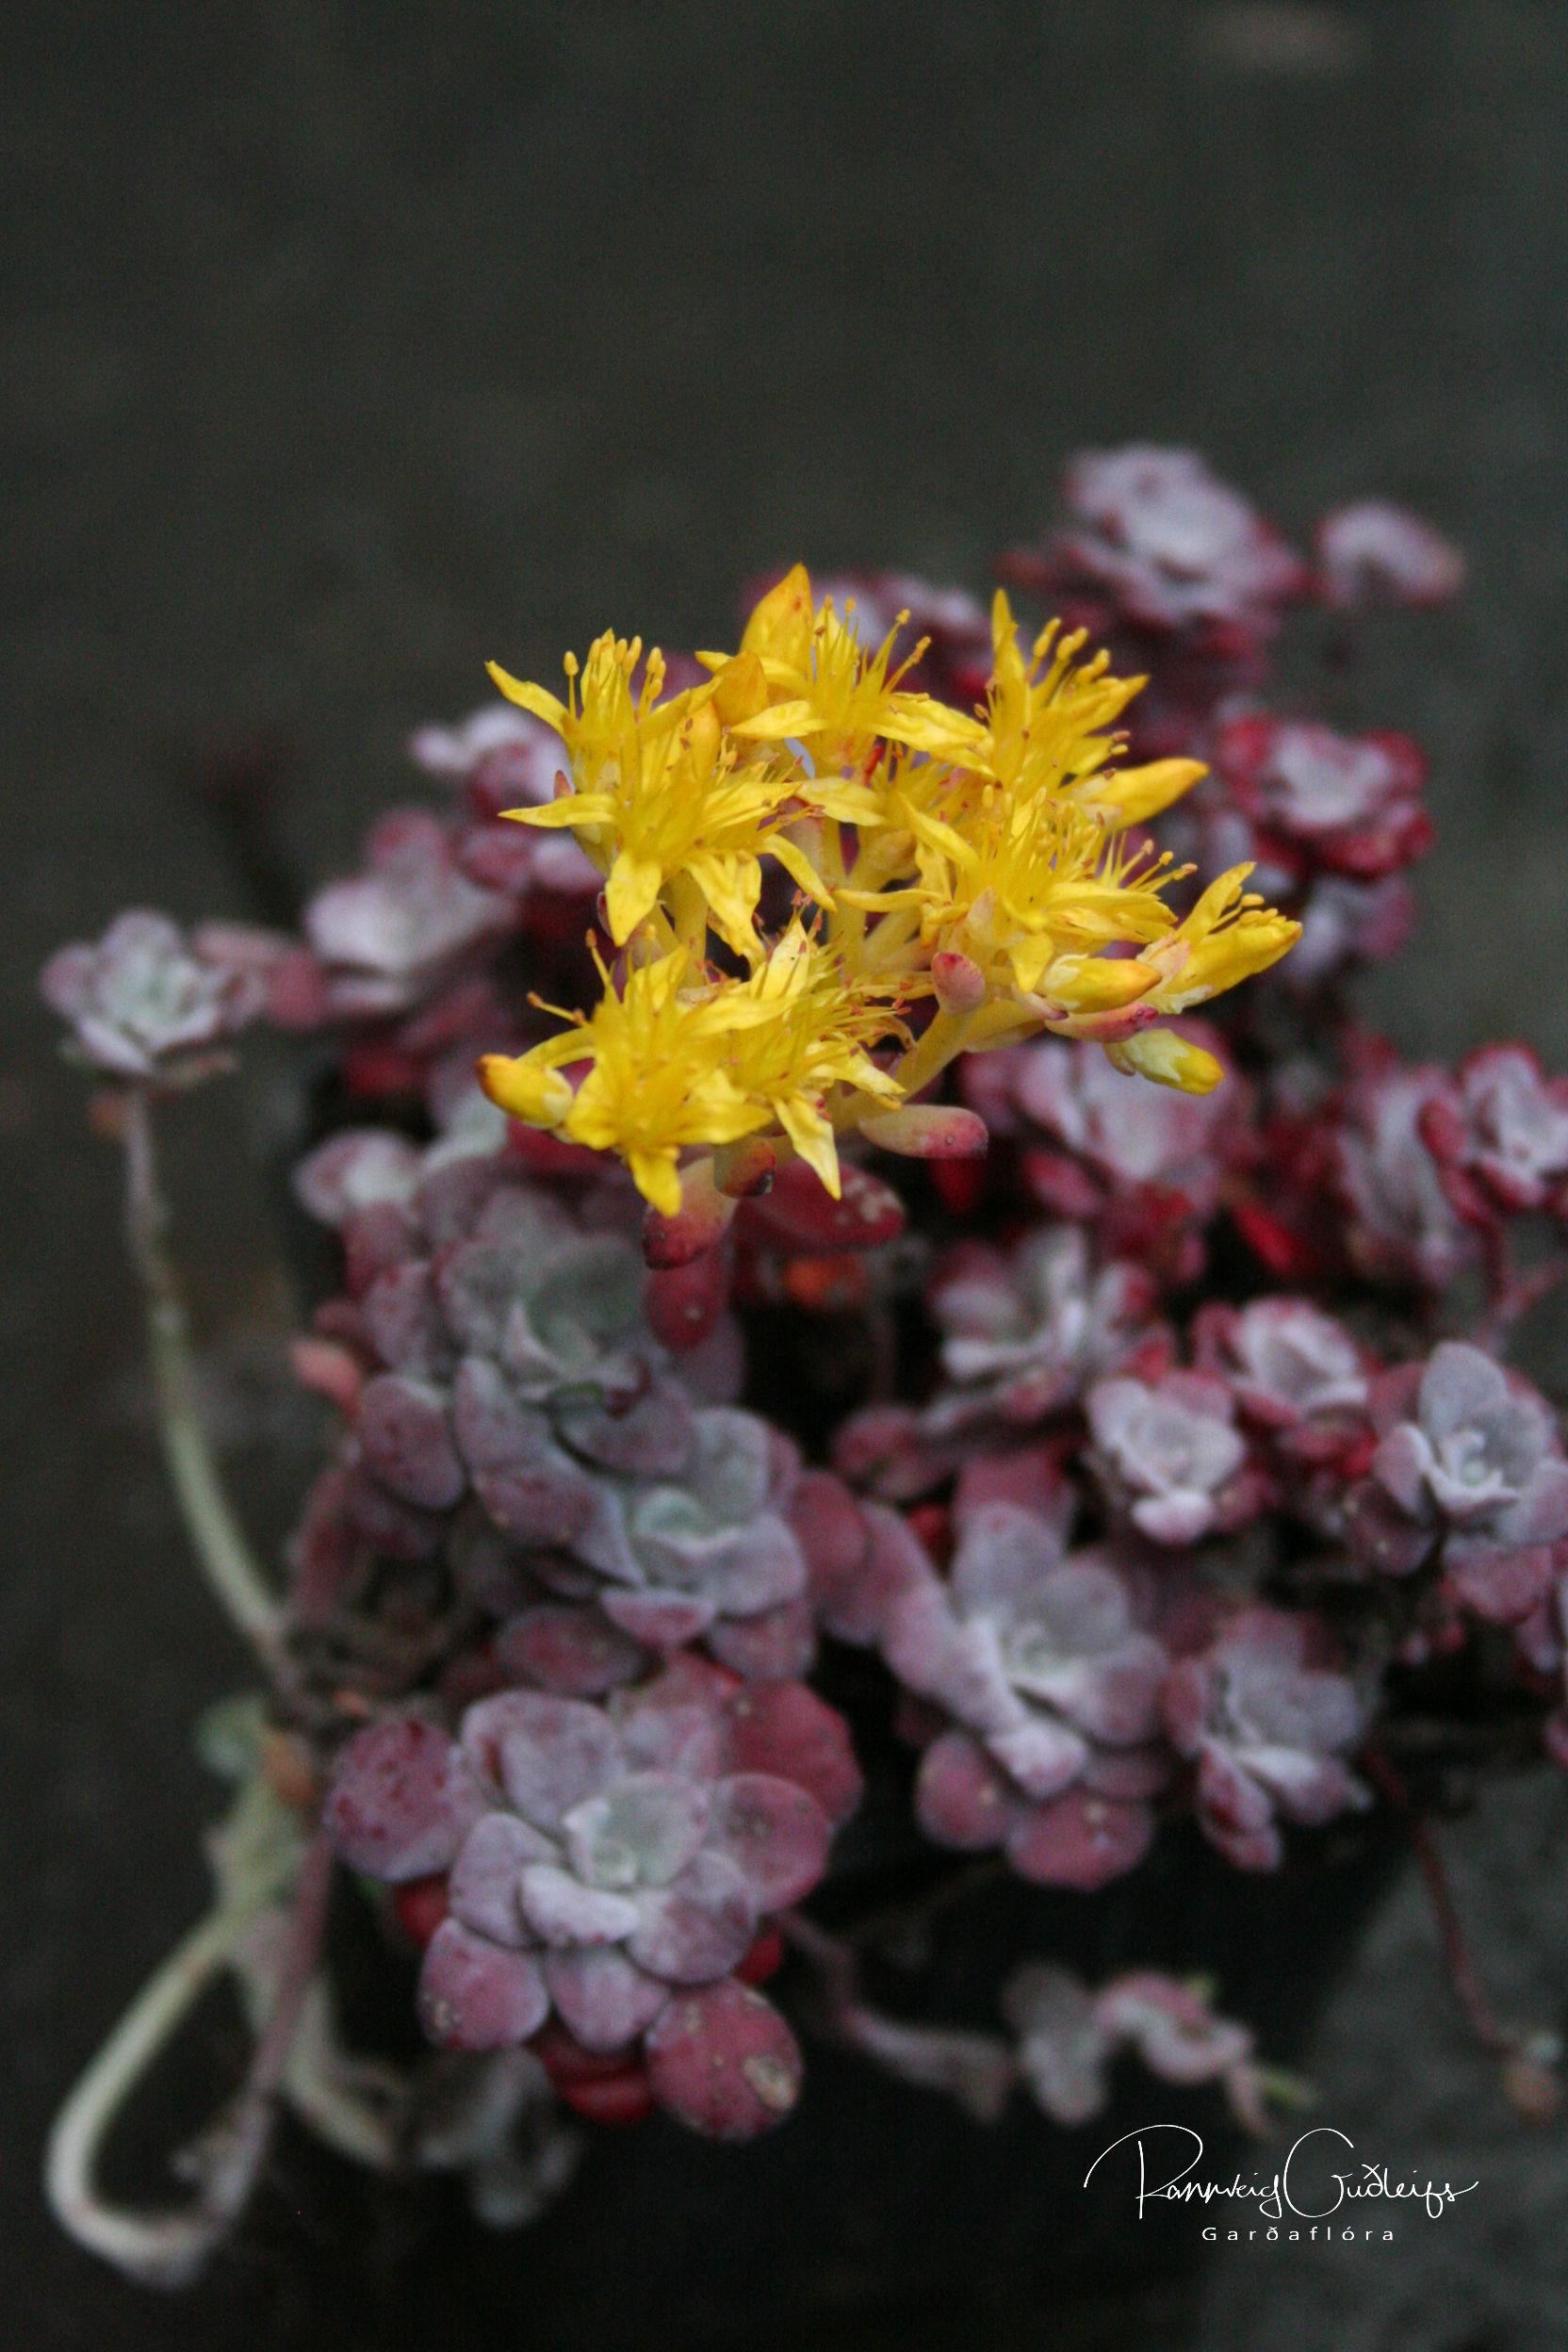 Sedum spathulifolium var. purpureum